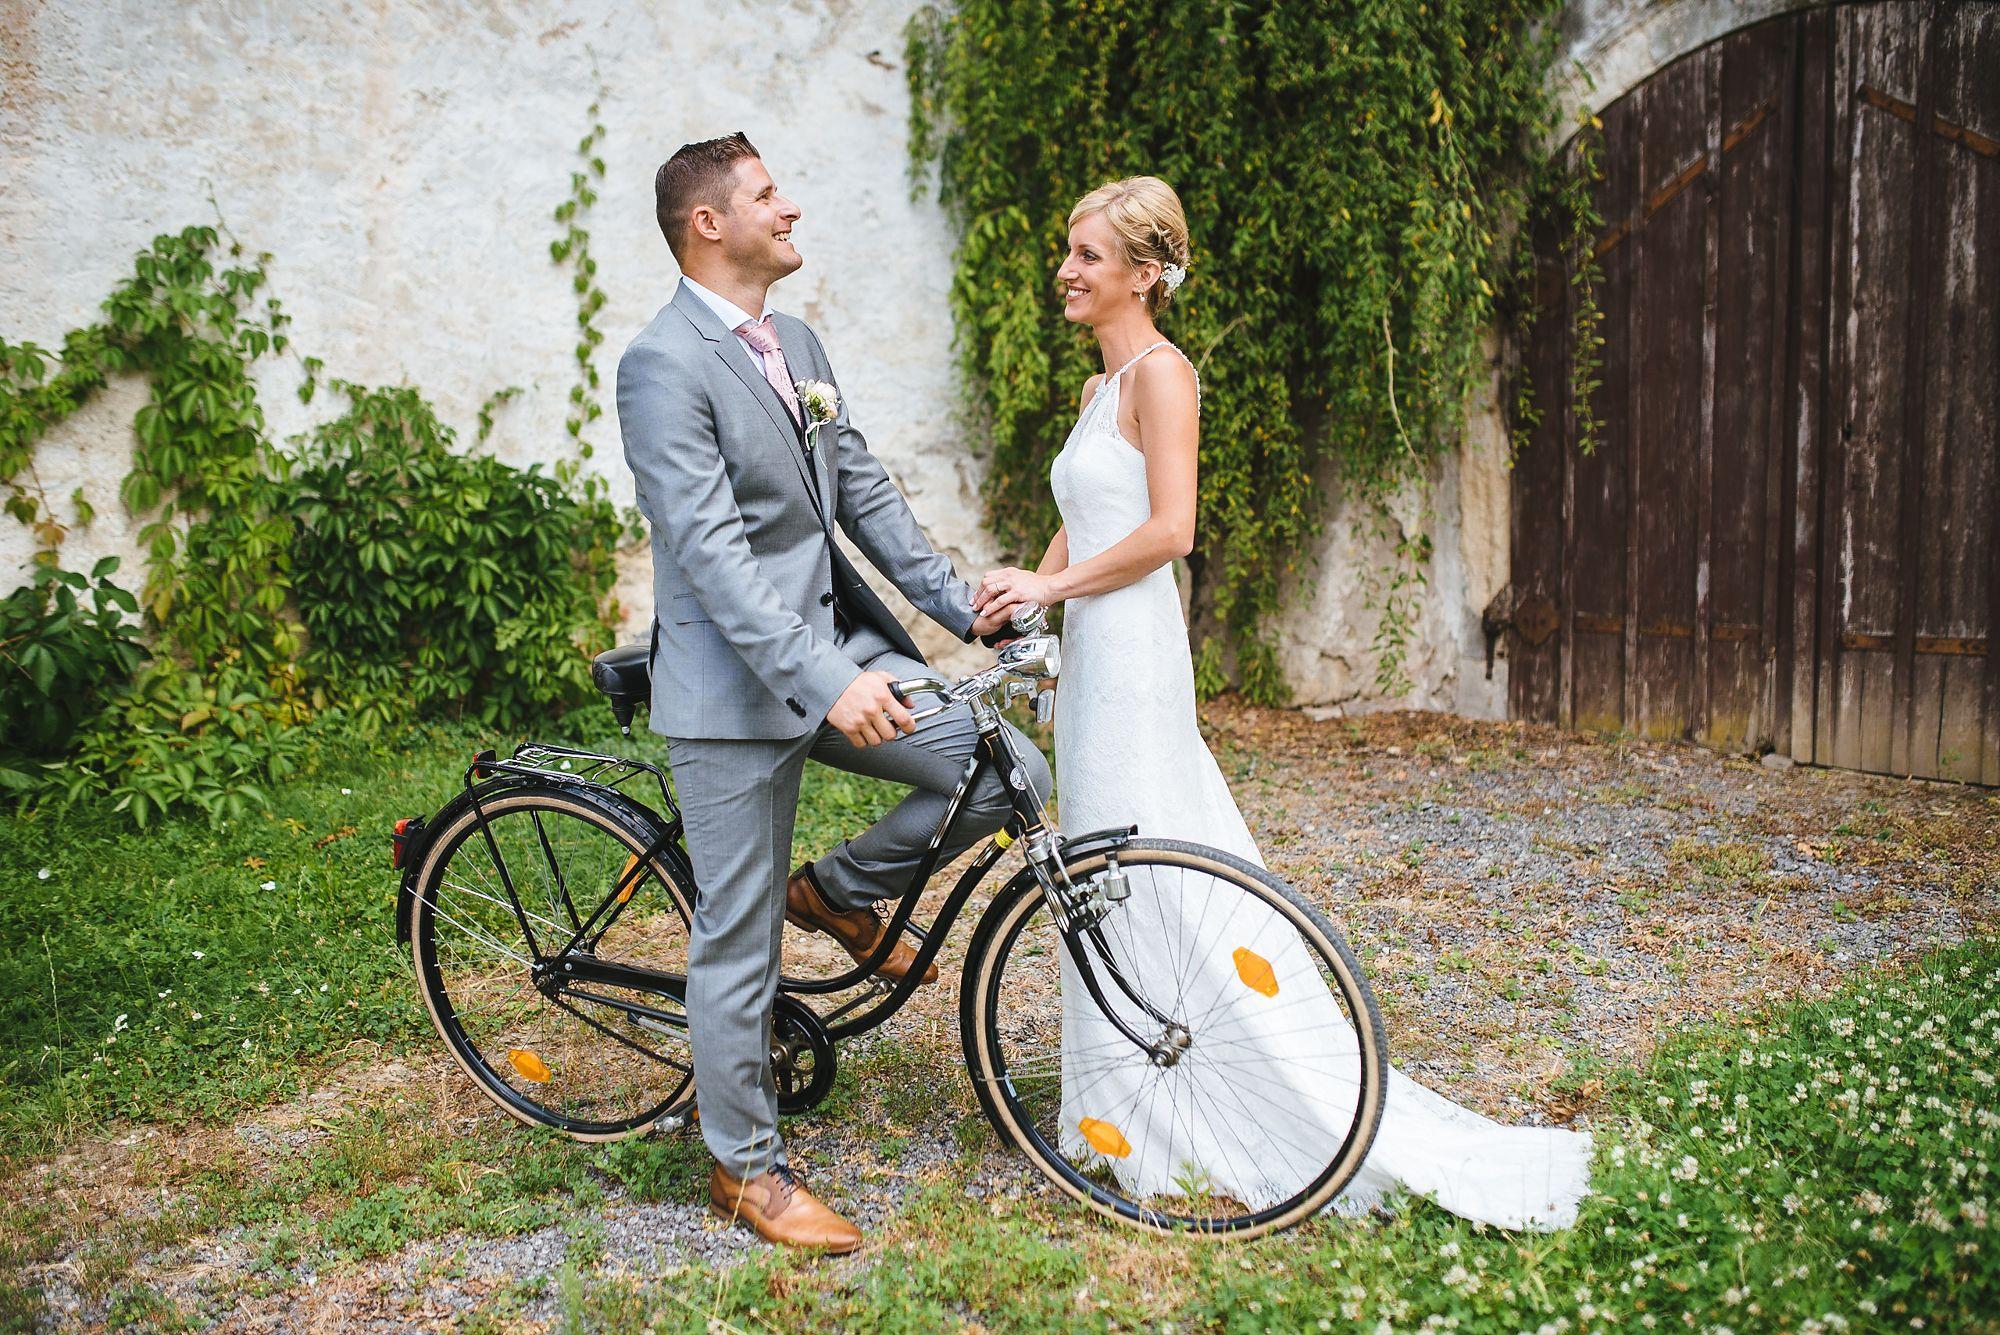 Hochzeit-Weingut-Dworzak-Weinstimmig-12.jpg